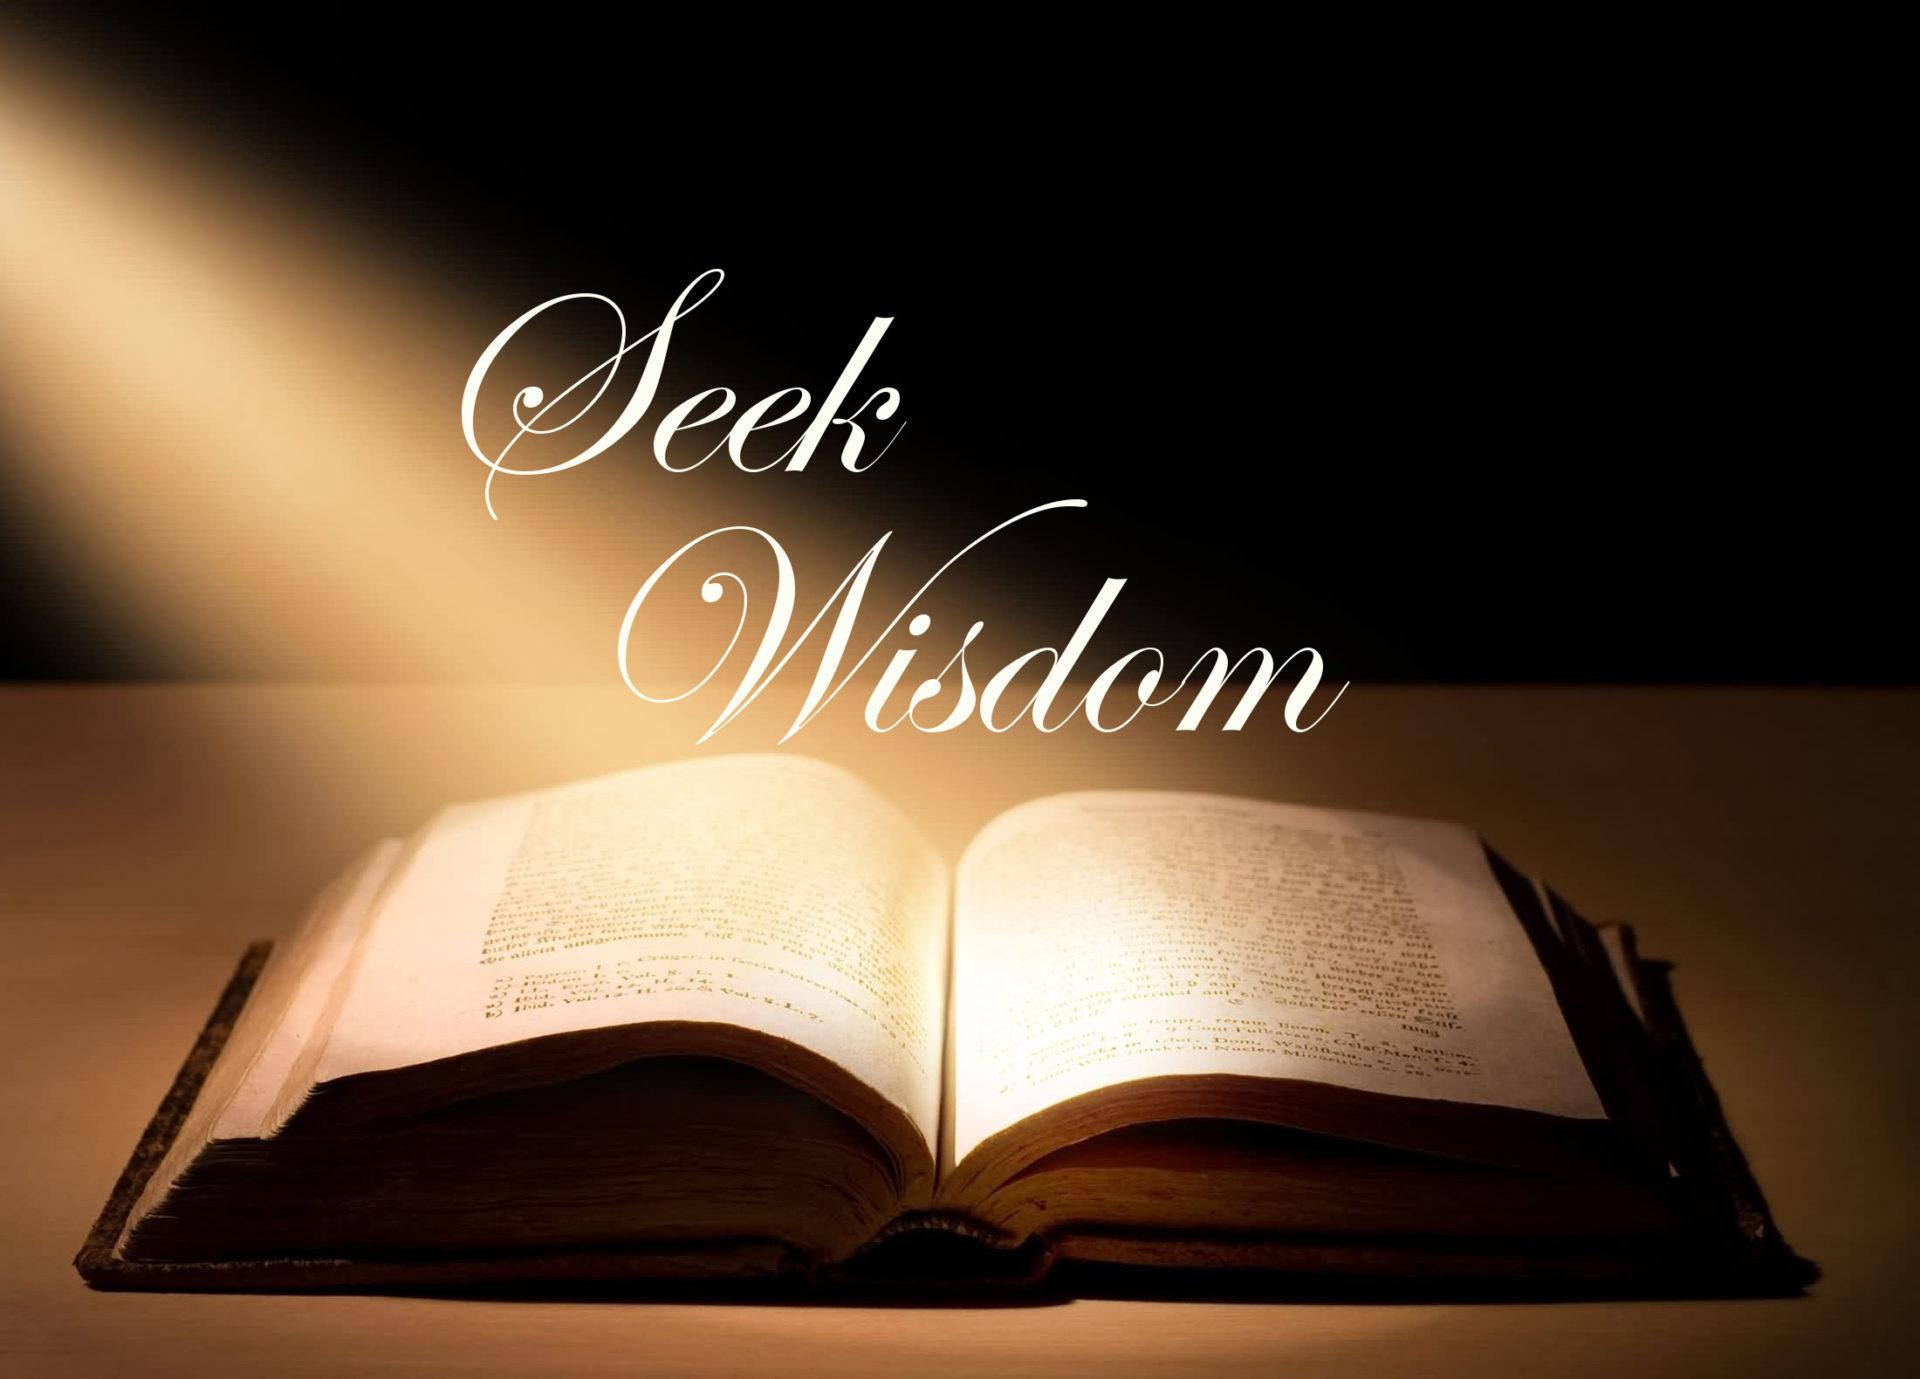 How to Get More Wisdom